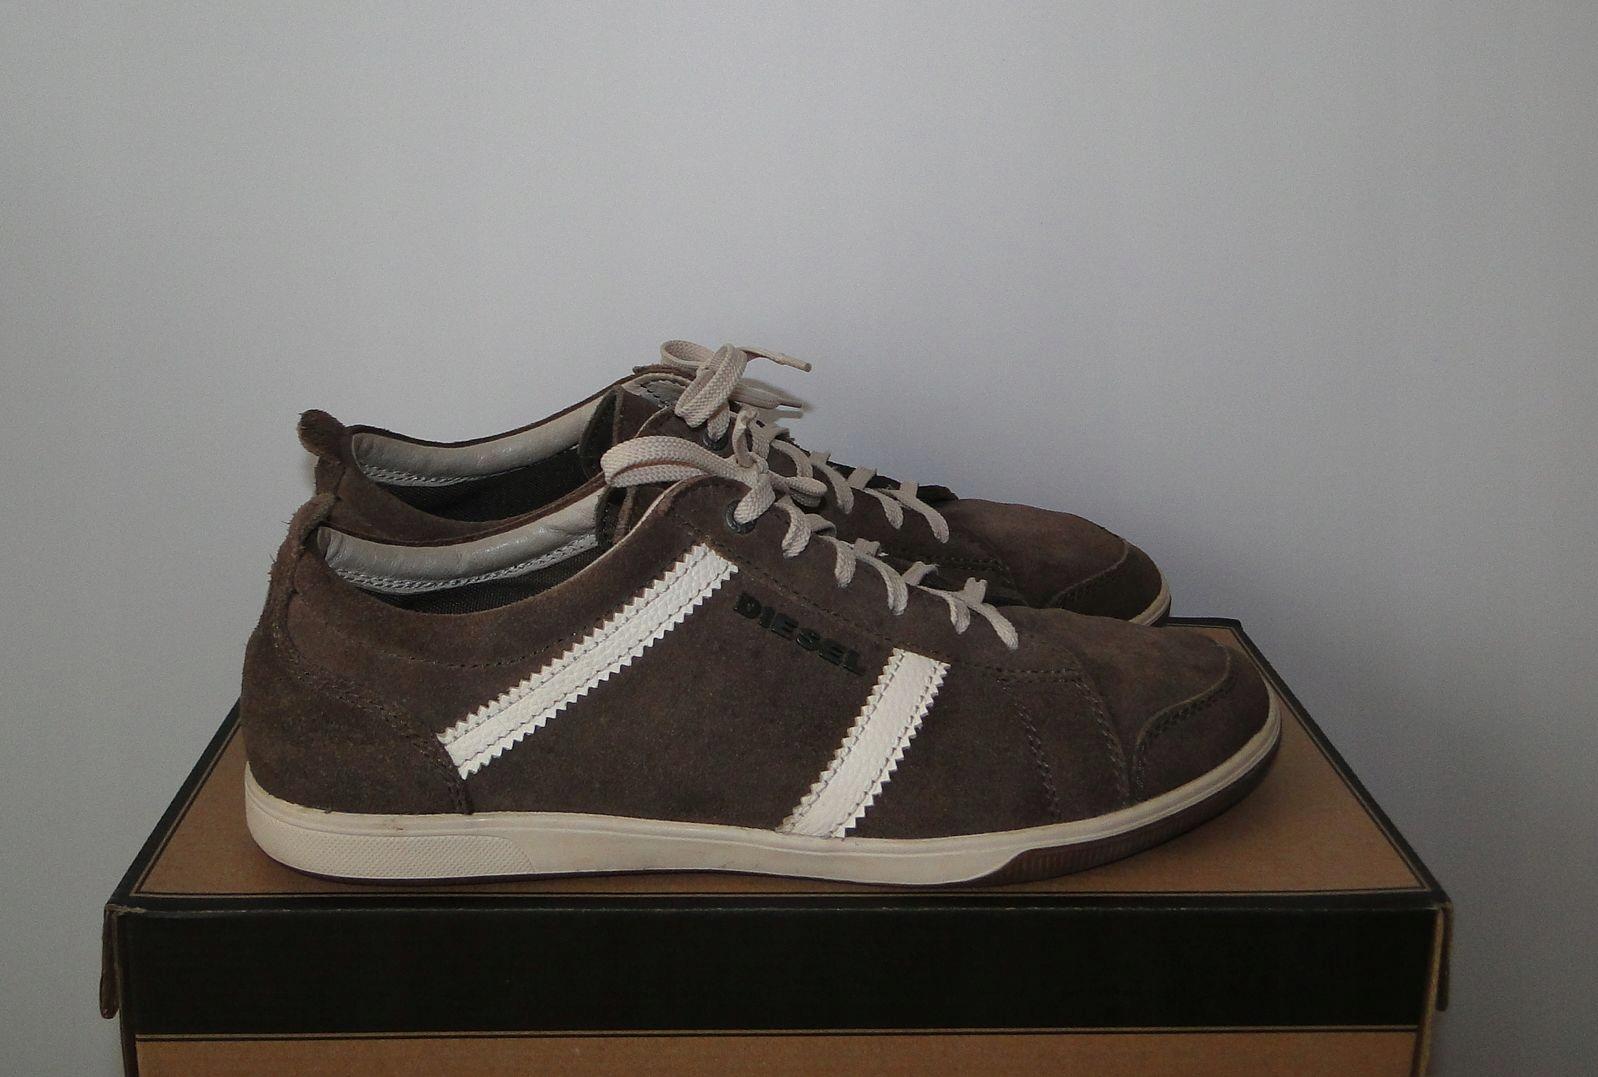 Buty Diesel Skorzane Sneakers Skora Krowia / 42